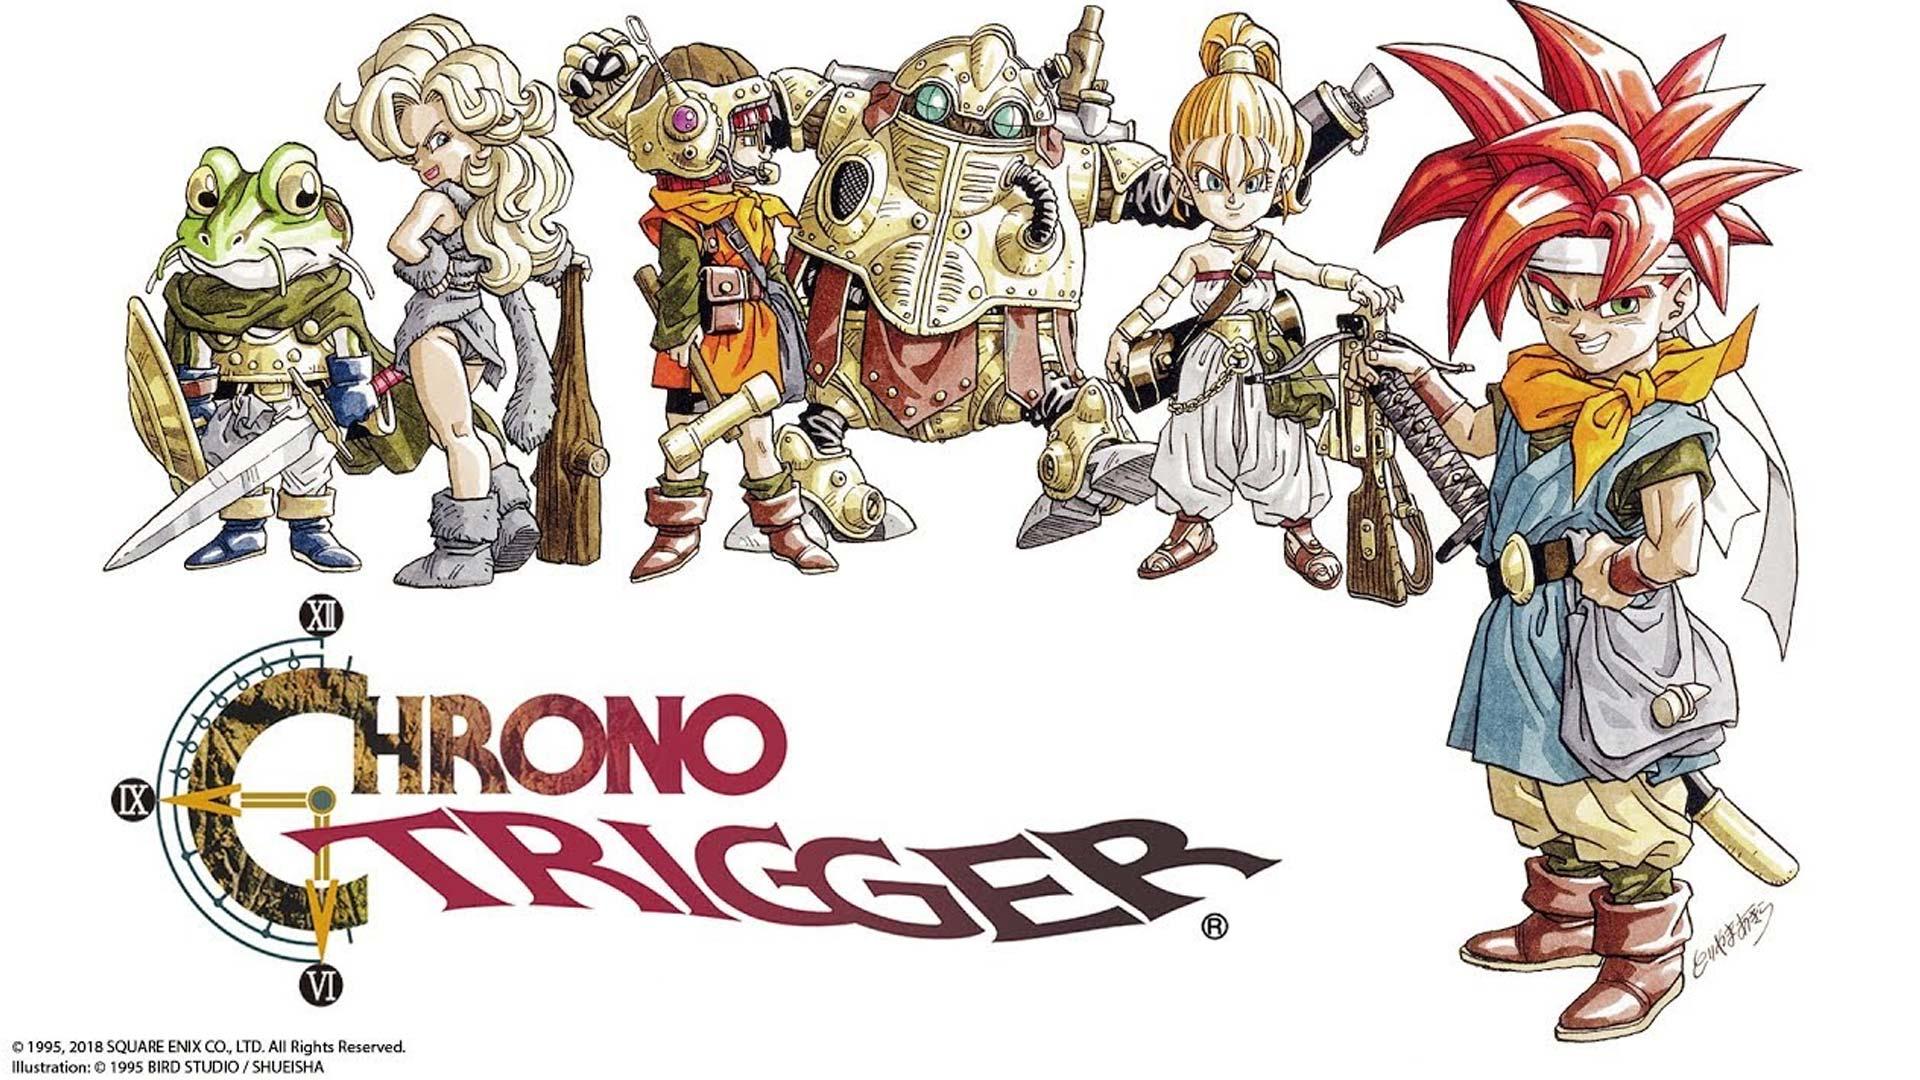 ต้องจัดแล้ว! Chrono Trigger ลดราคา Steam 50% ( iOS/Android ด้วย)